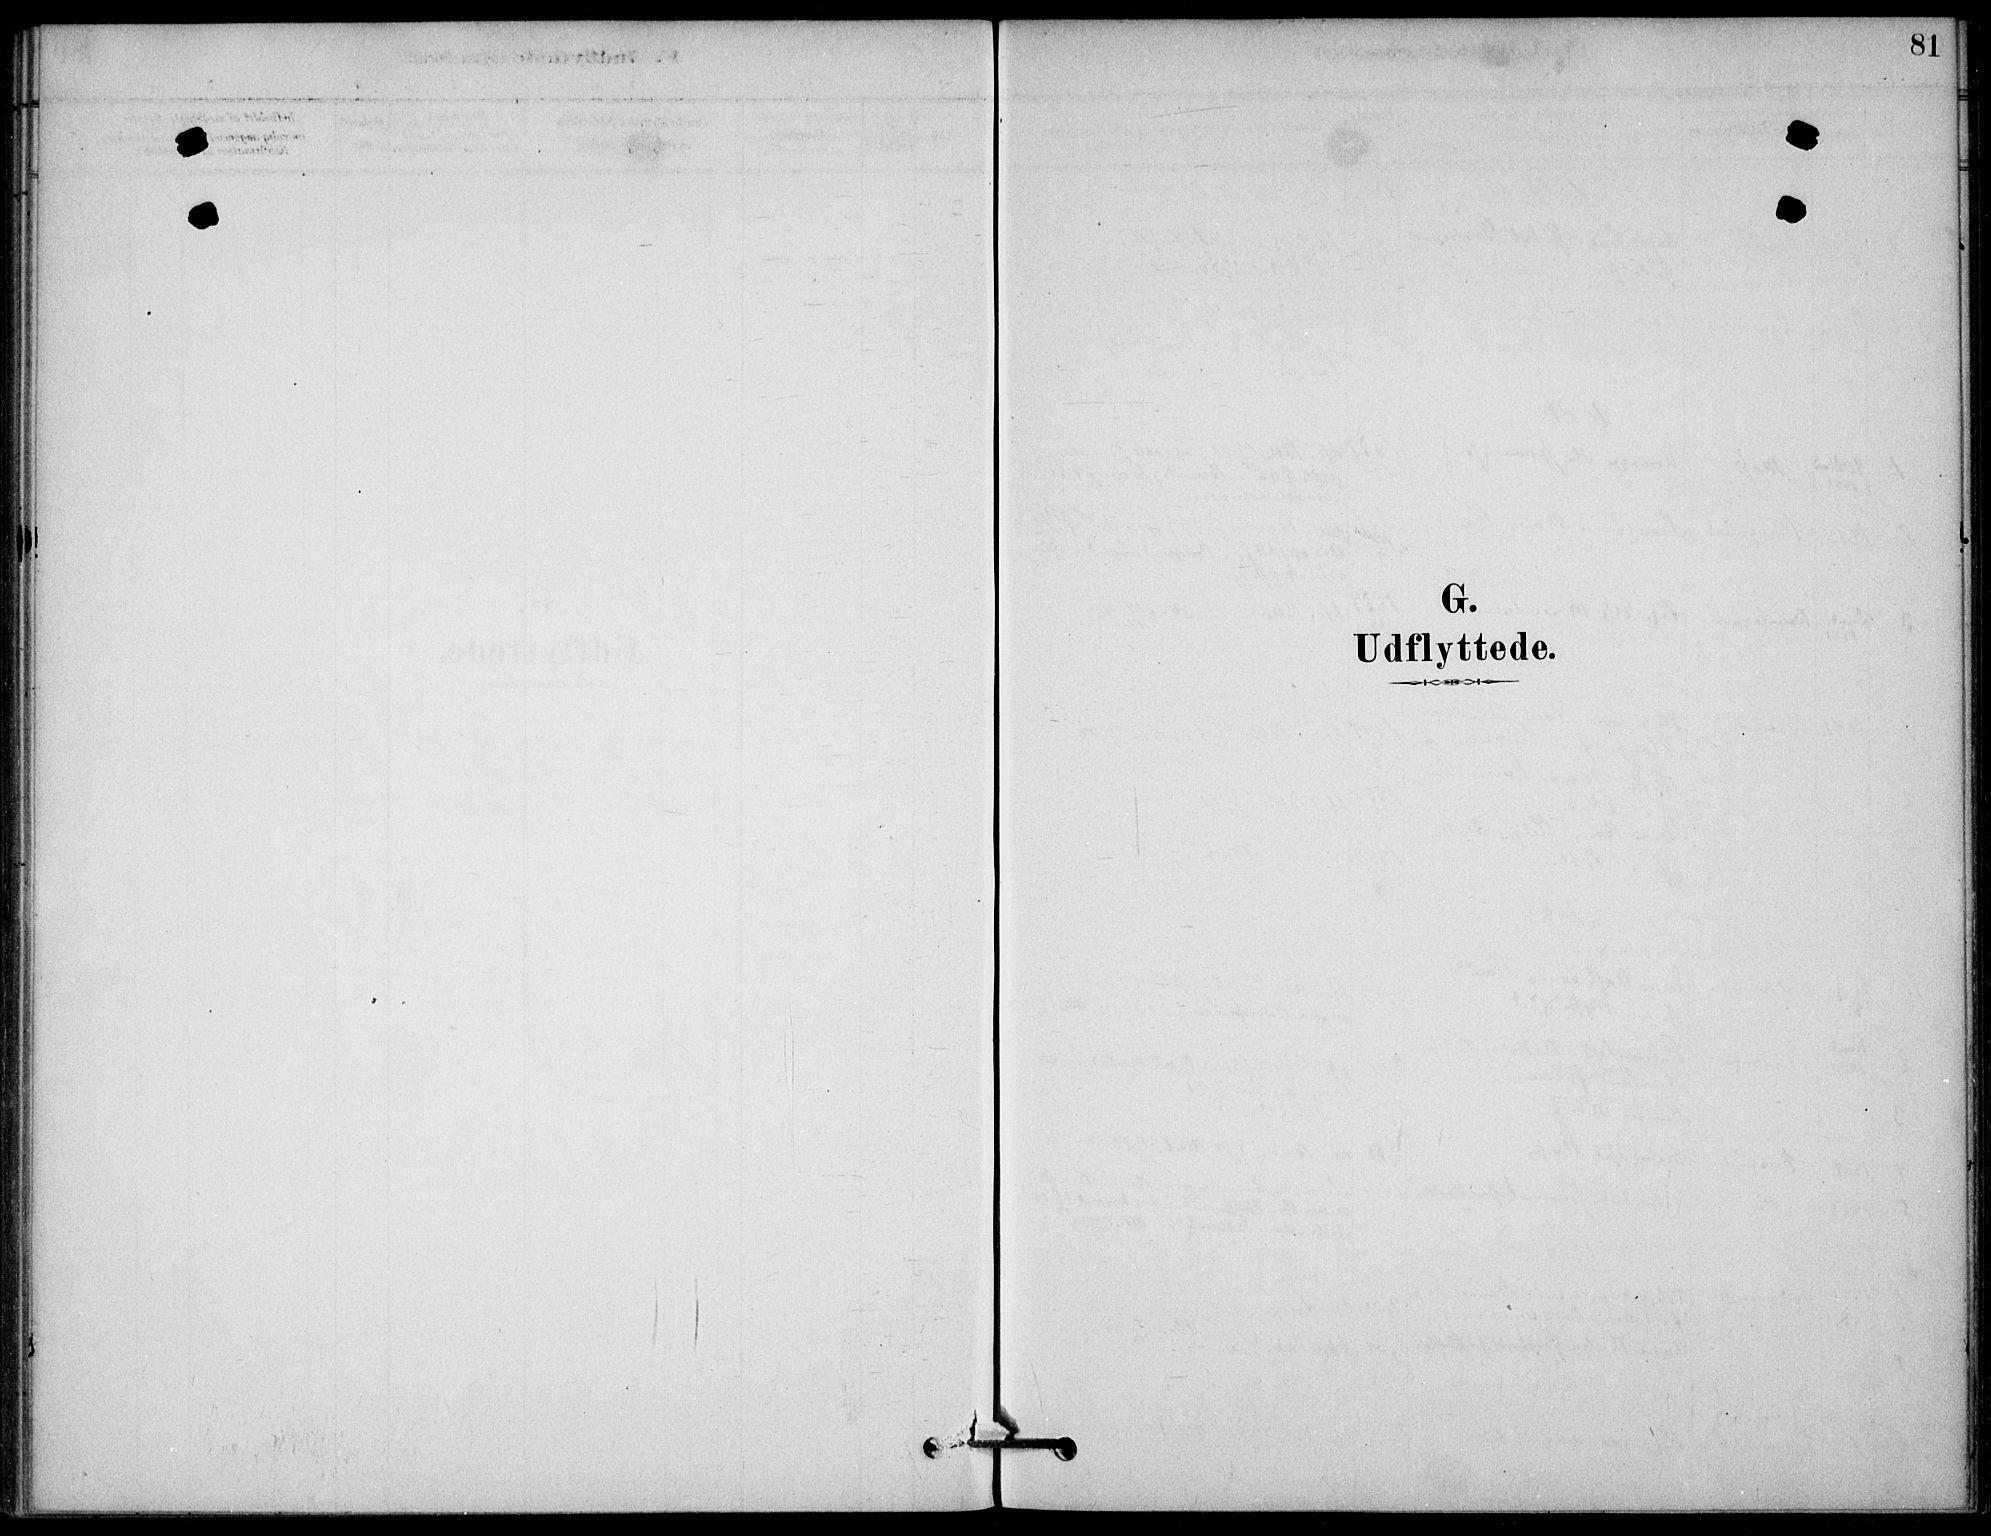 SAKO, Bamble kirkebøker, G/Gb/L0001: Klokkerbok nr. II 1, 1878-1900, s. 81